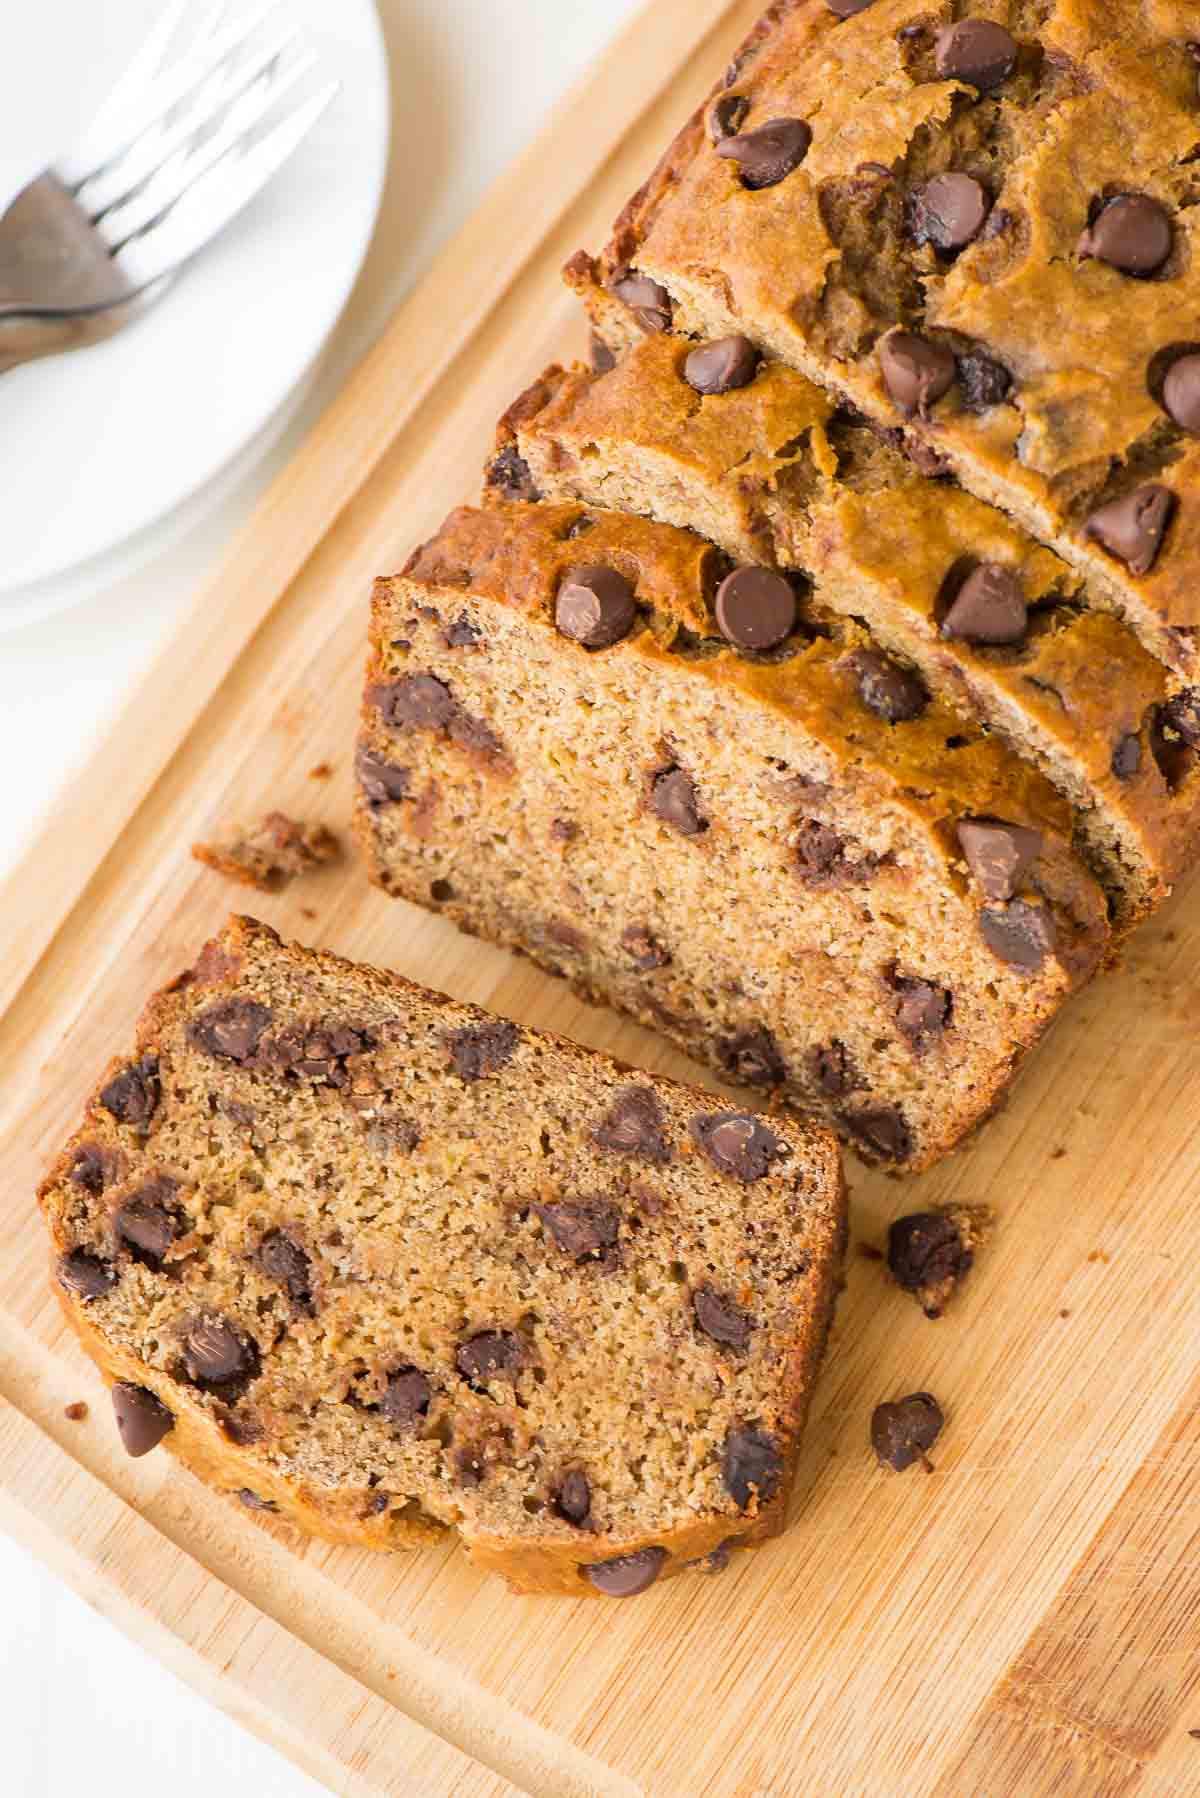 Healthy Banana Recipes  Healthy Banana Bread Recipe with Chocolate Chips